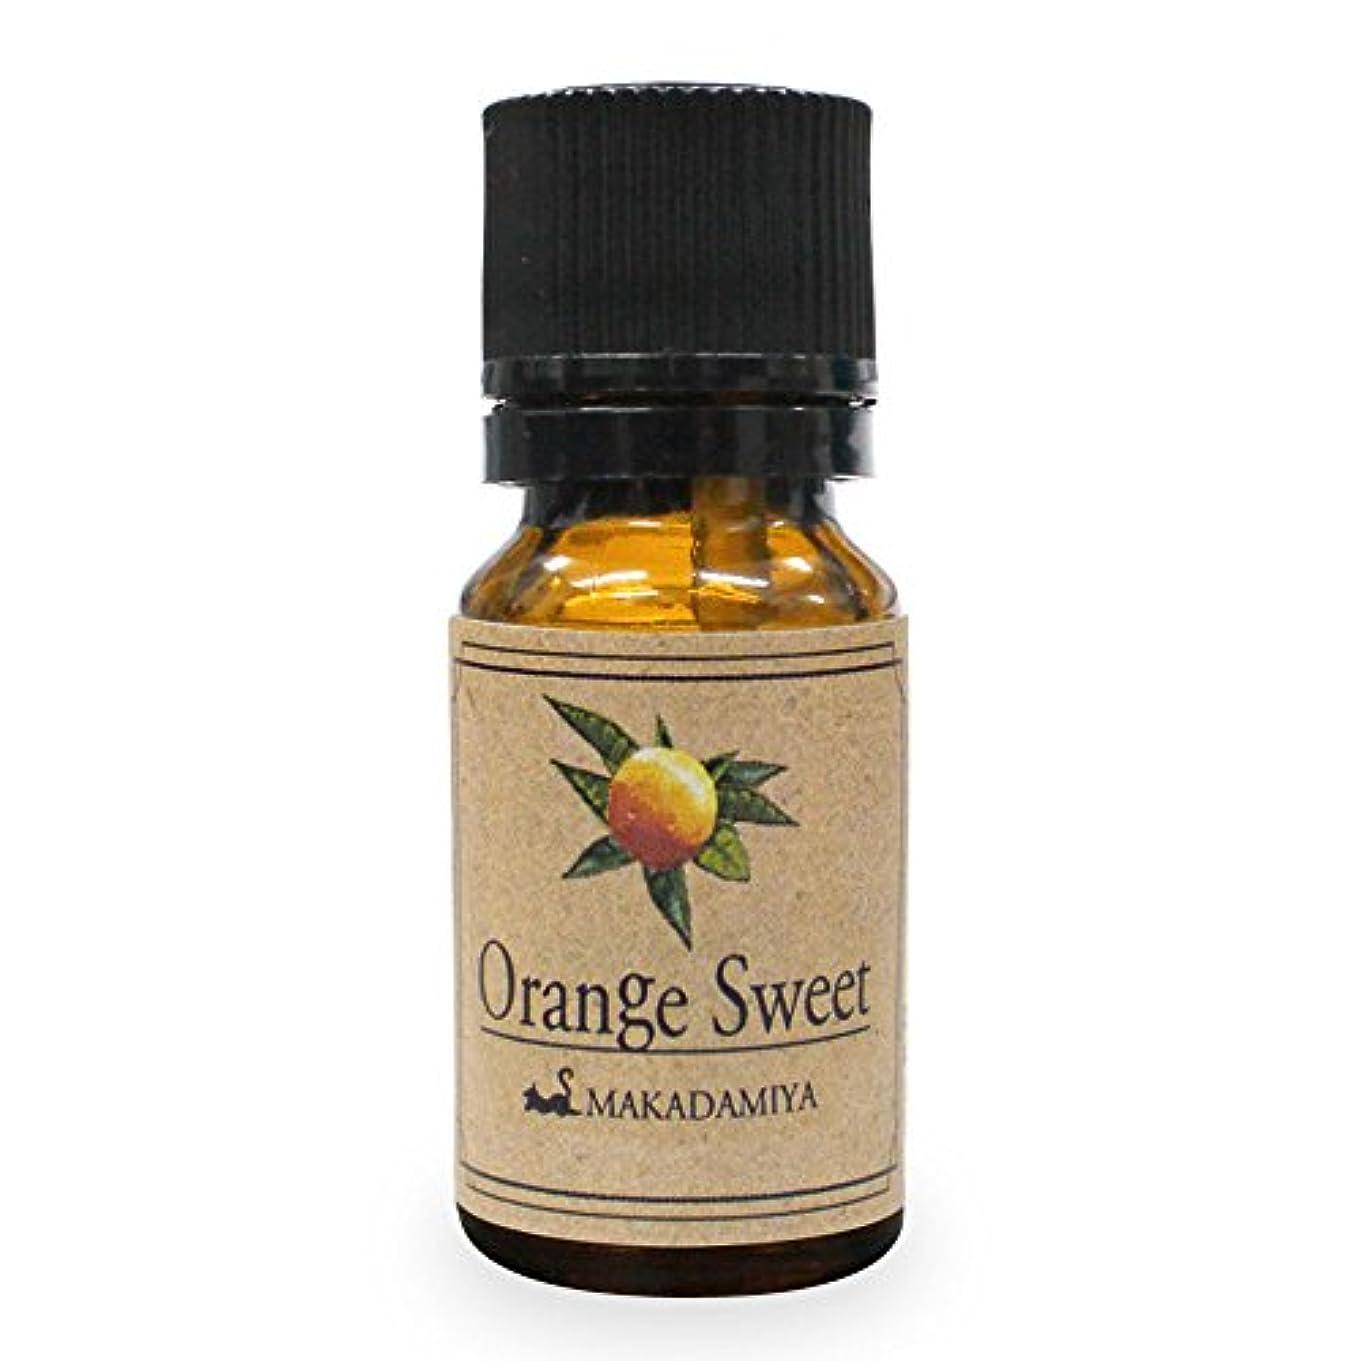 歯科の崩壊シーンオレンジ?スイート10ml 天然100%植物性 エッセンシャルオイル(精油) アロマオイル アロママッサージ aroma Orange S.